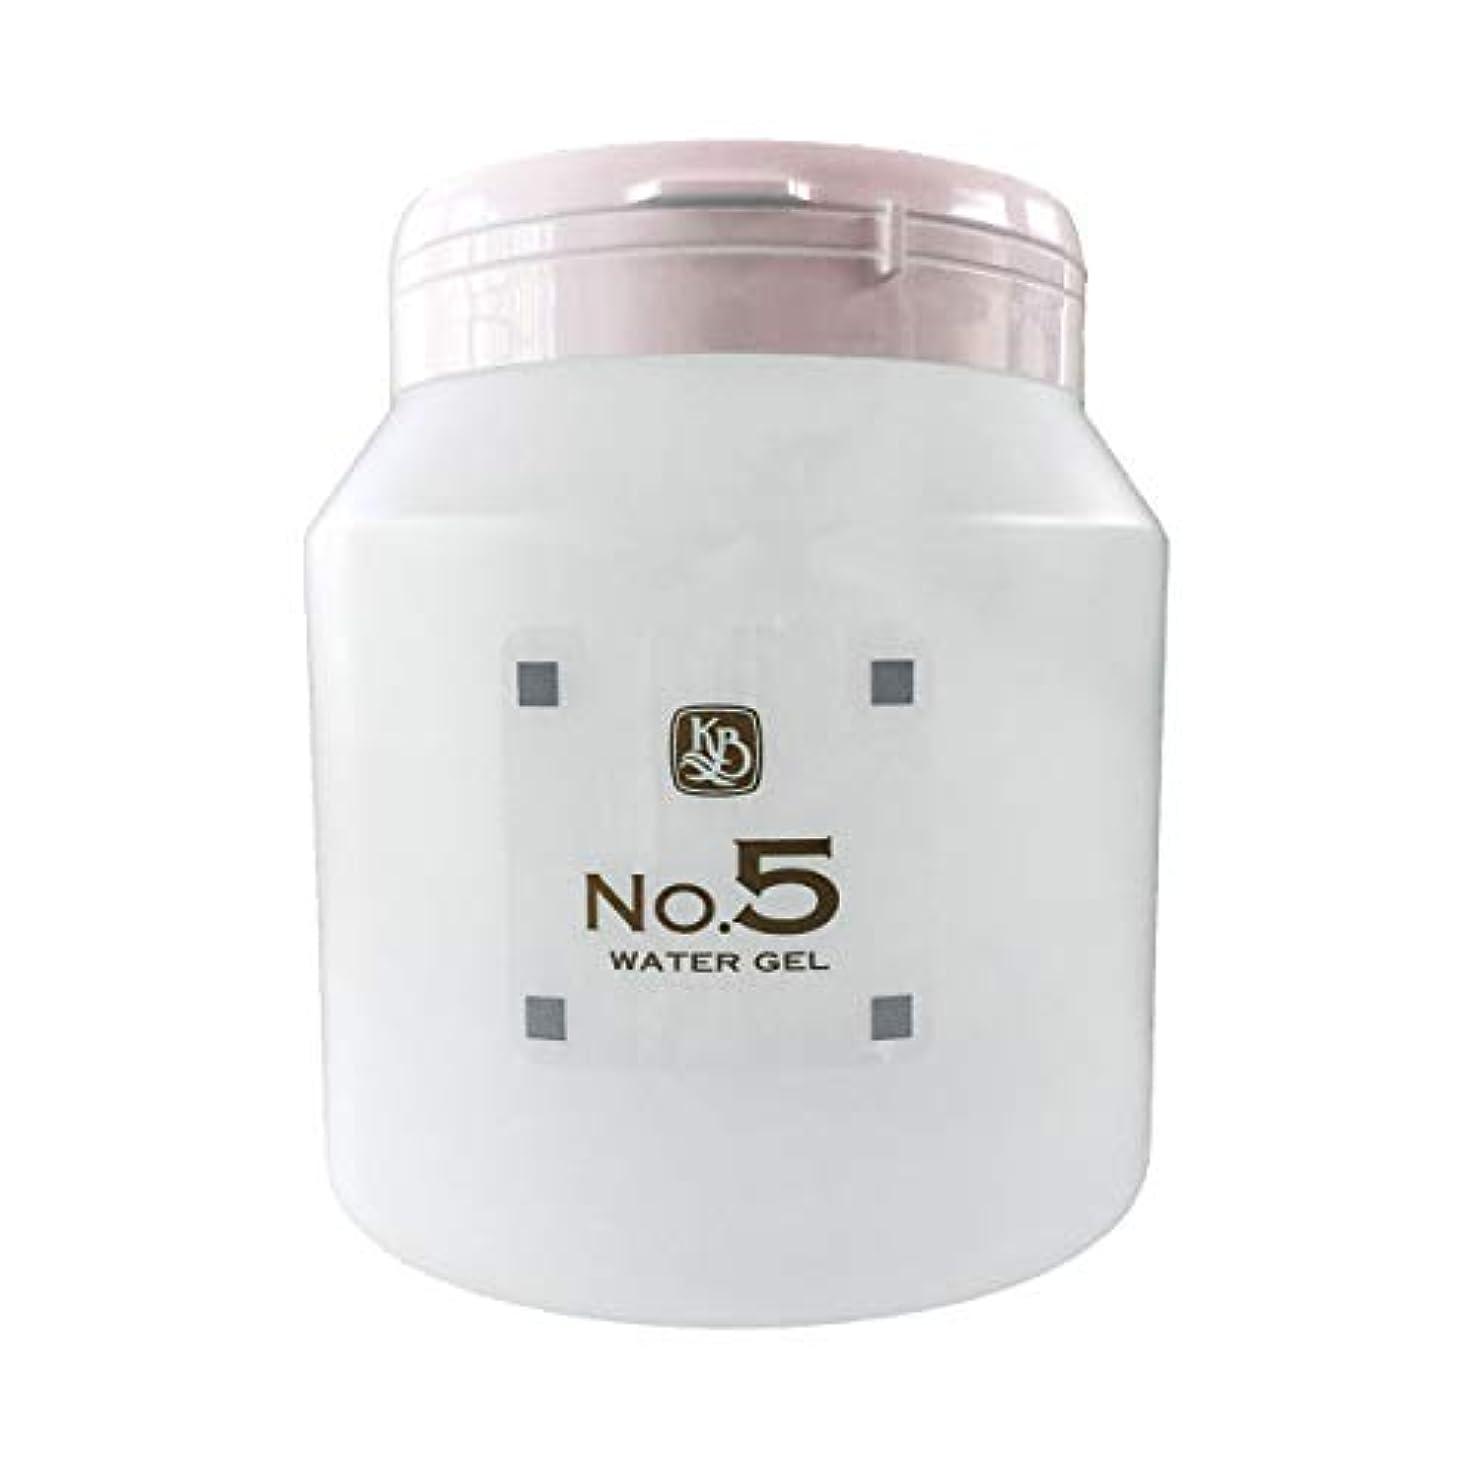 飢マルコポーロ世論調査顔を洗う水 ウォーターグルNO5 1000g